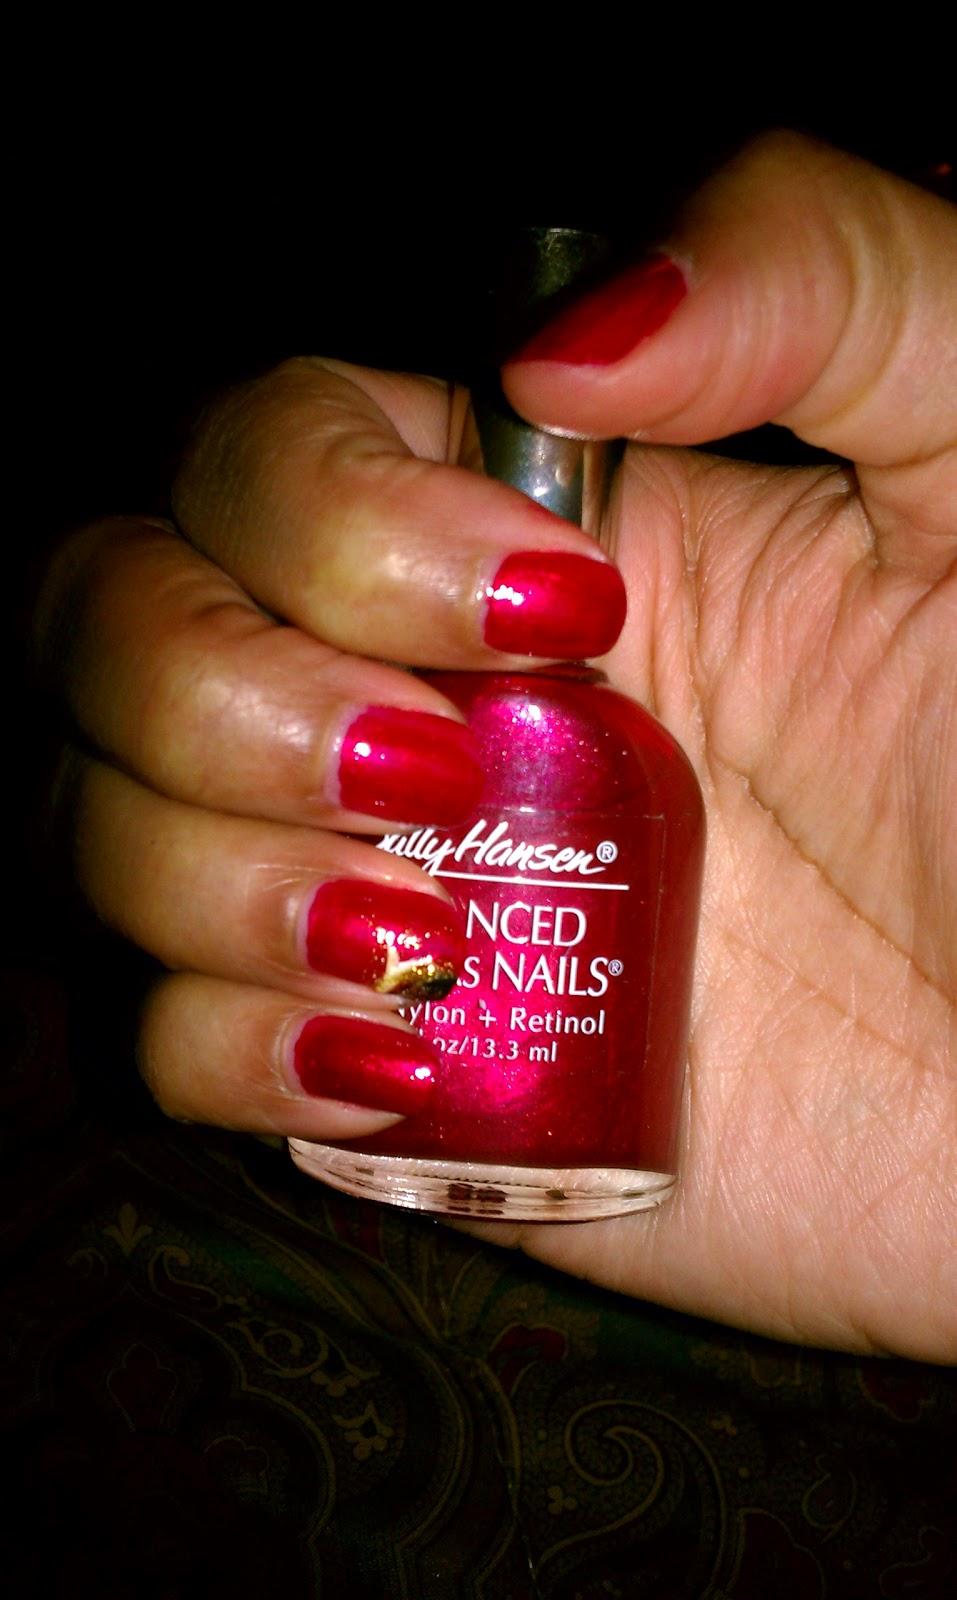 Heartbeat Frost #nail #polish #sallyhansen - Simply Tasheena